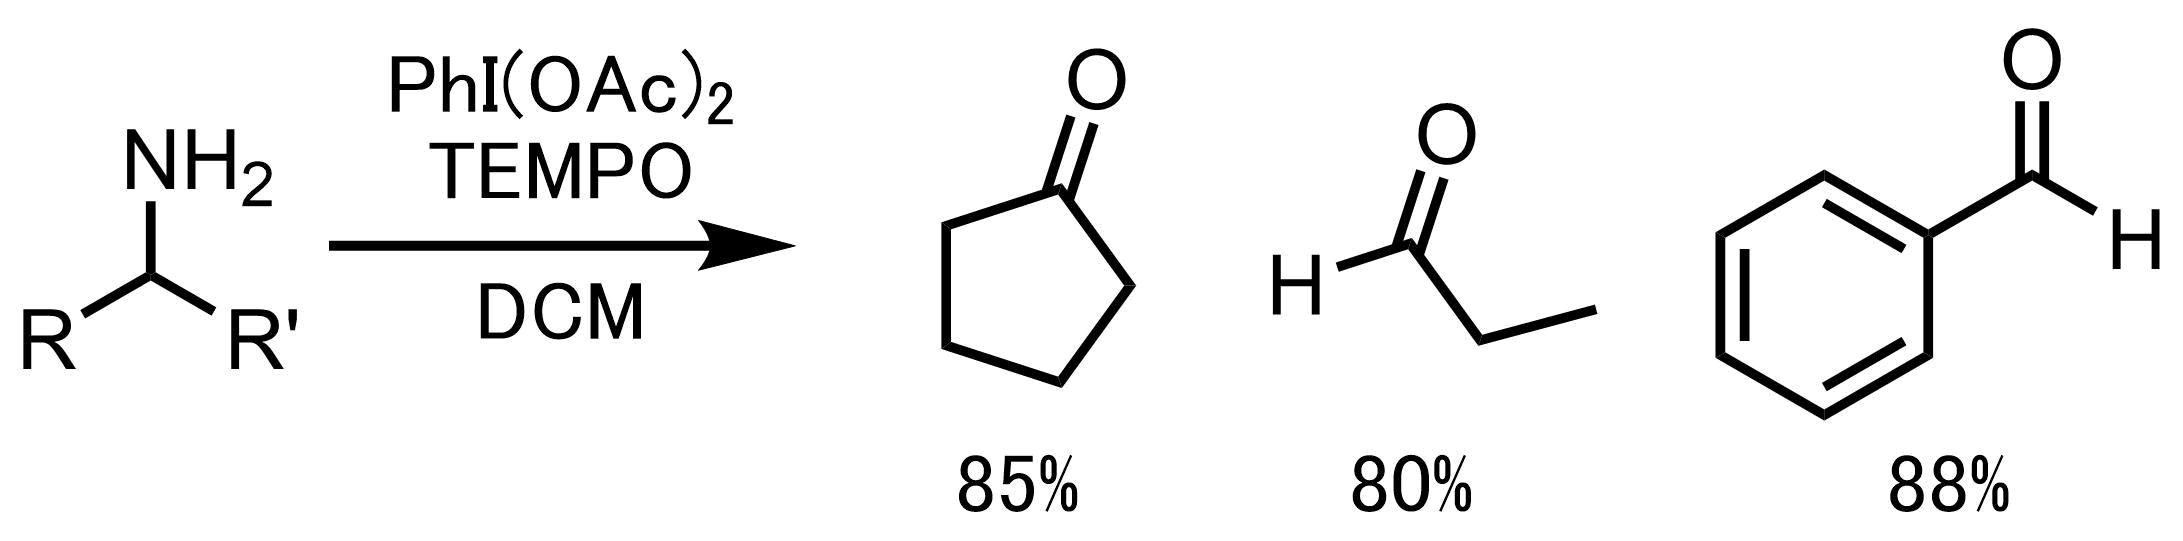 TEMPO酸化によりケトン体を合成